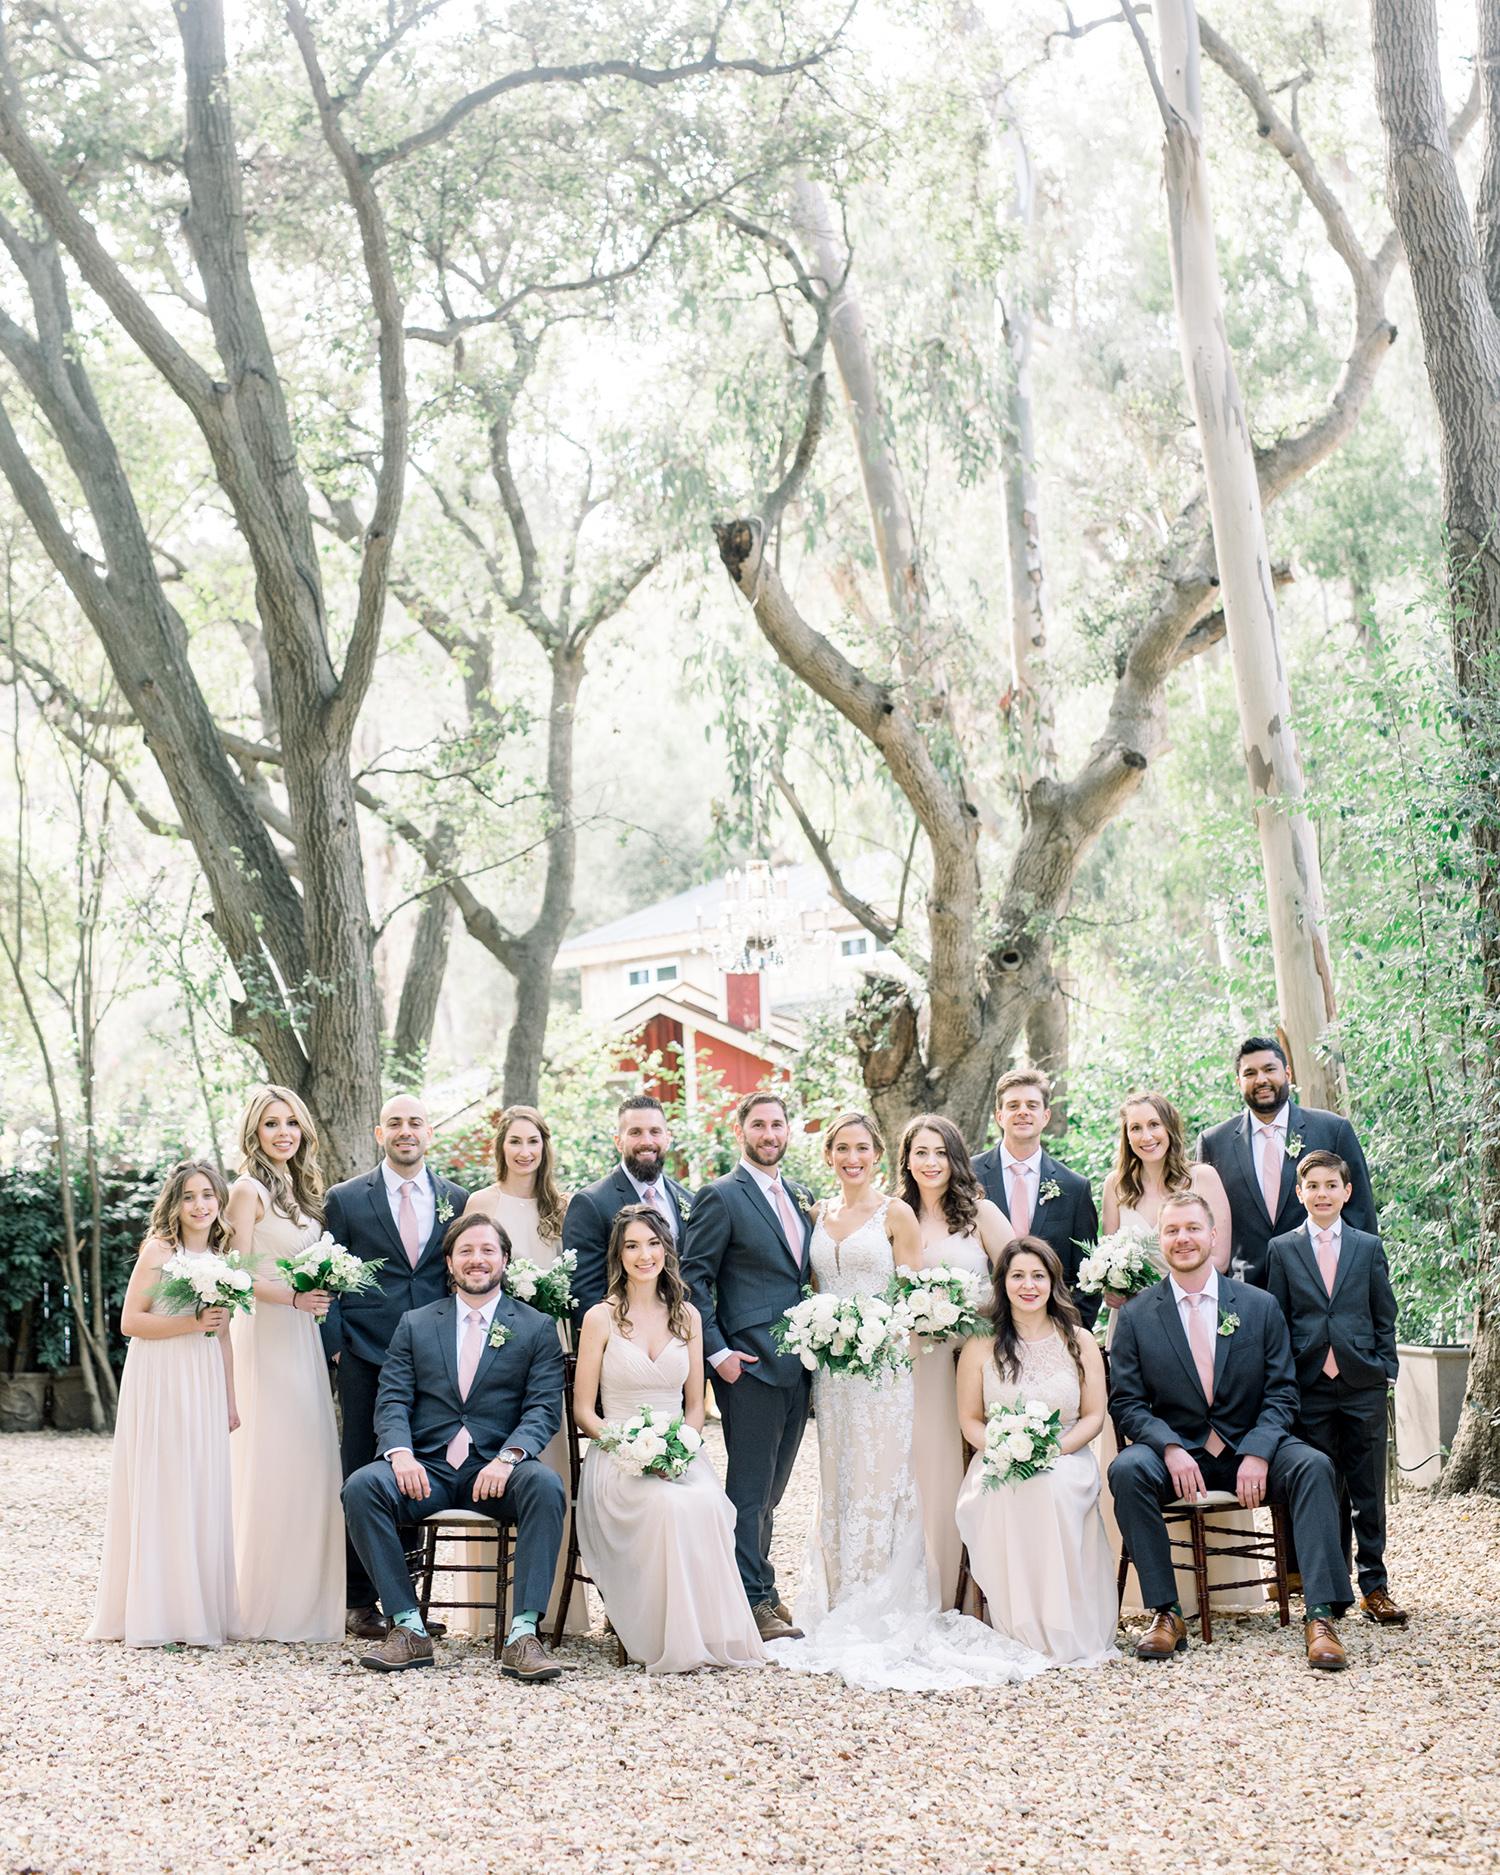 lauren aaron wedding party in front of trees